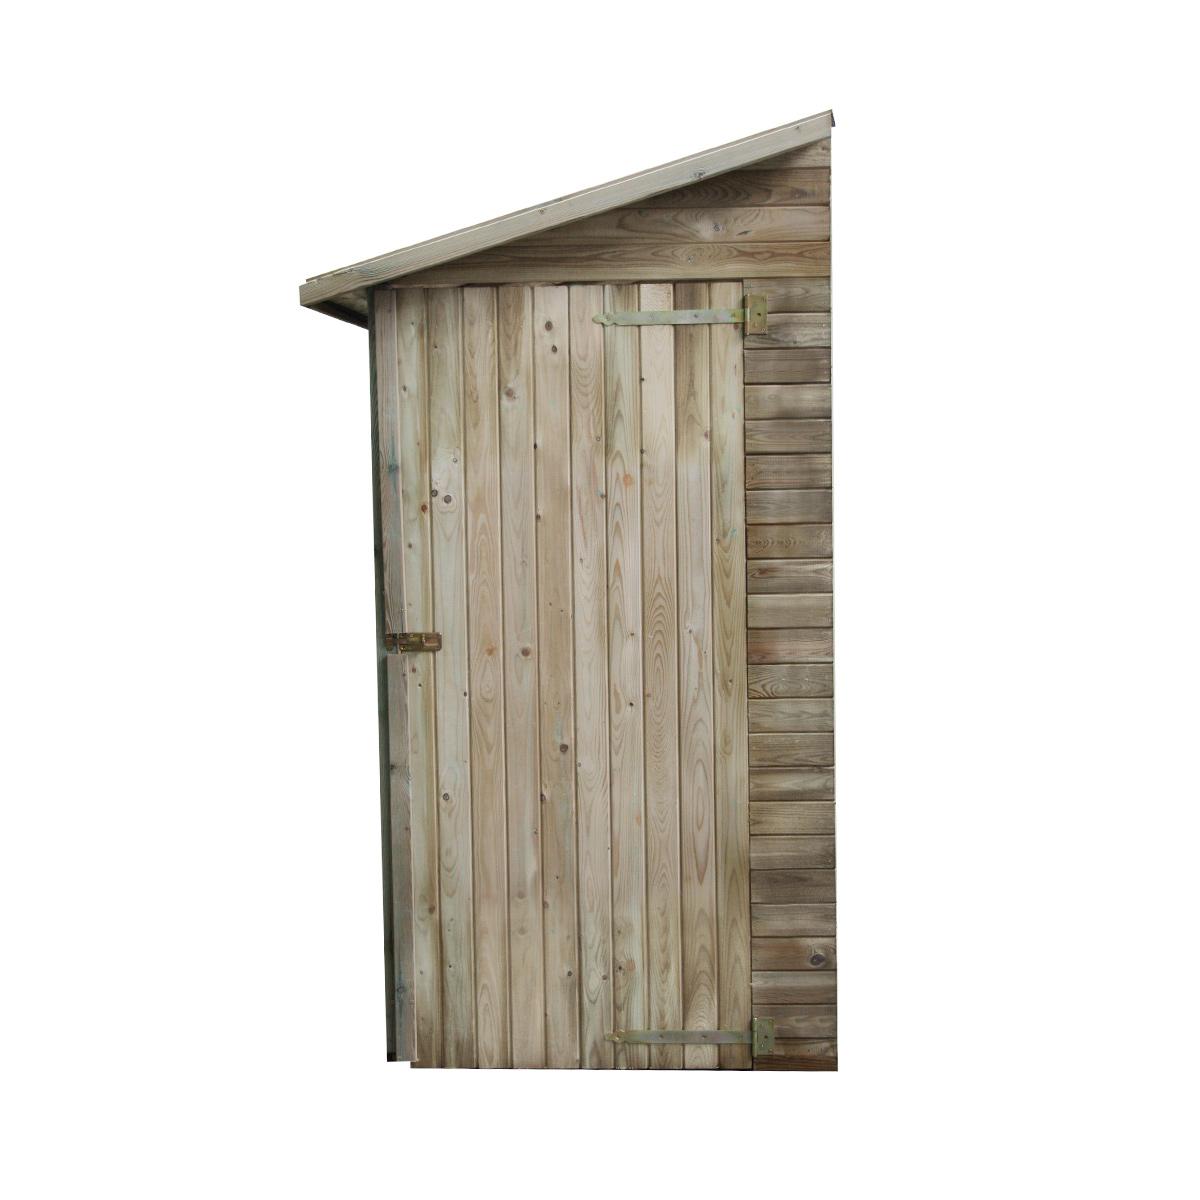 Armoire de rangement de jardin adossé en bois traité 2.63m², Elisa